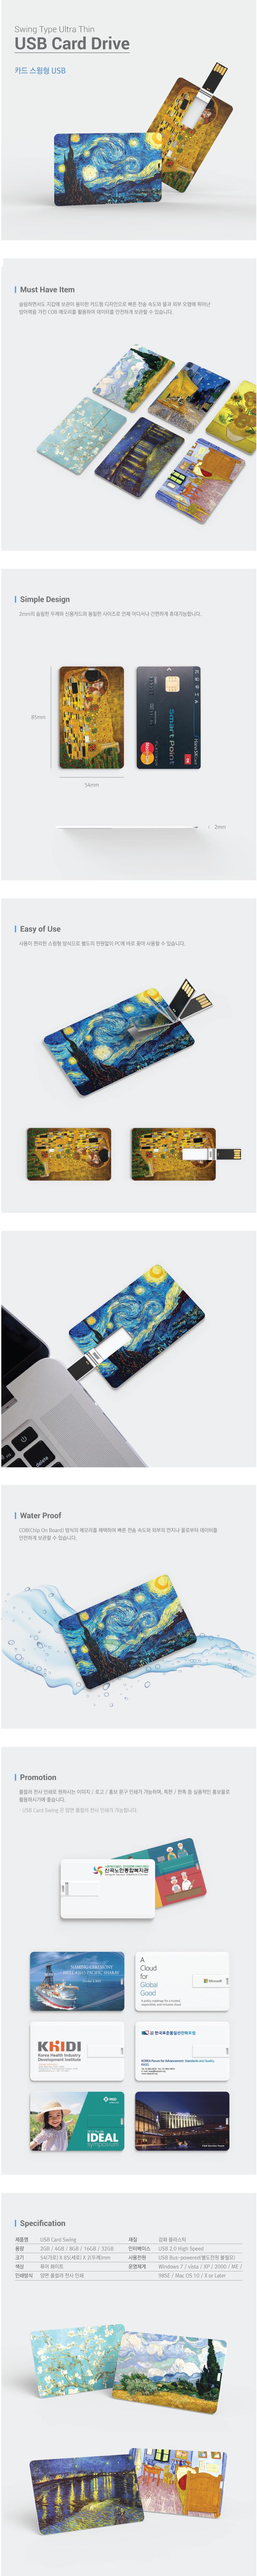 d_card%20swing_blnd.jpg